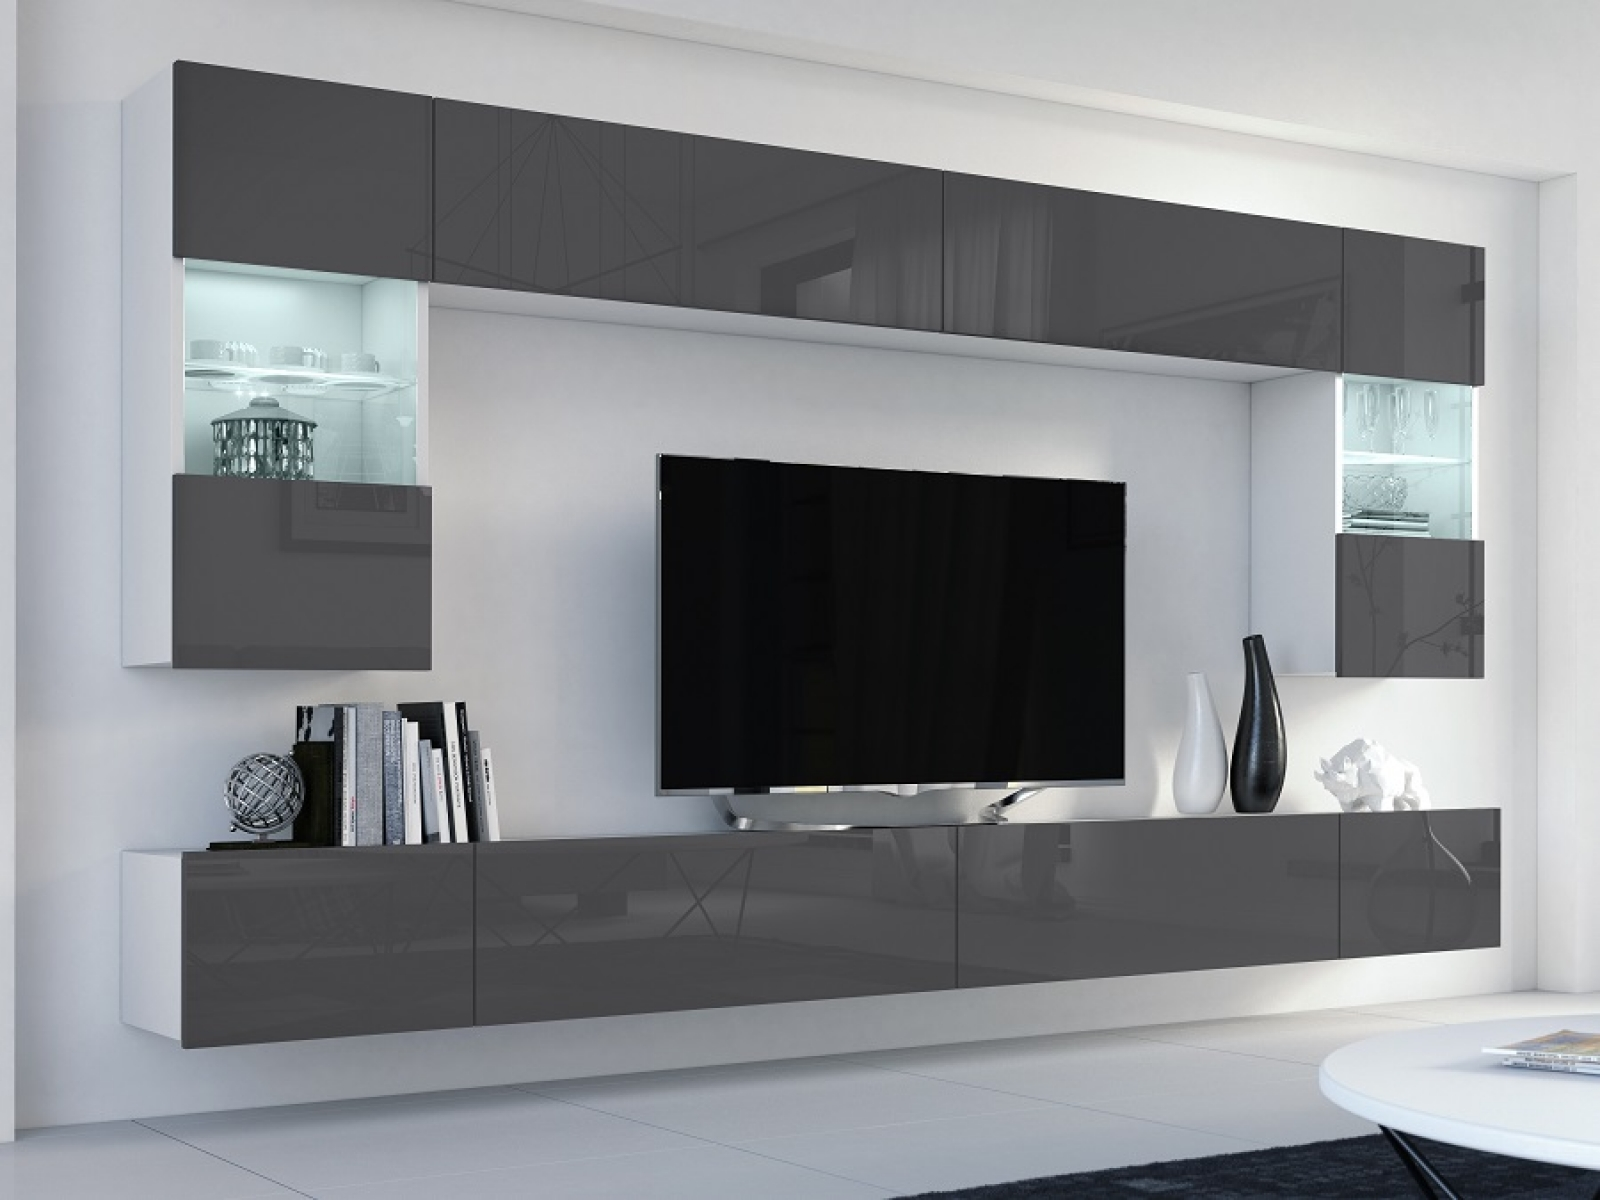 Wohnwand Flow Grau Hochglanz Weiss Mediawand Medienwand Design Modern Led Beleuchtung Mdf Hochglanz Hangewand Hangeschrank Tv Wand